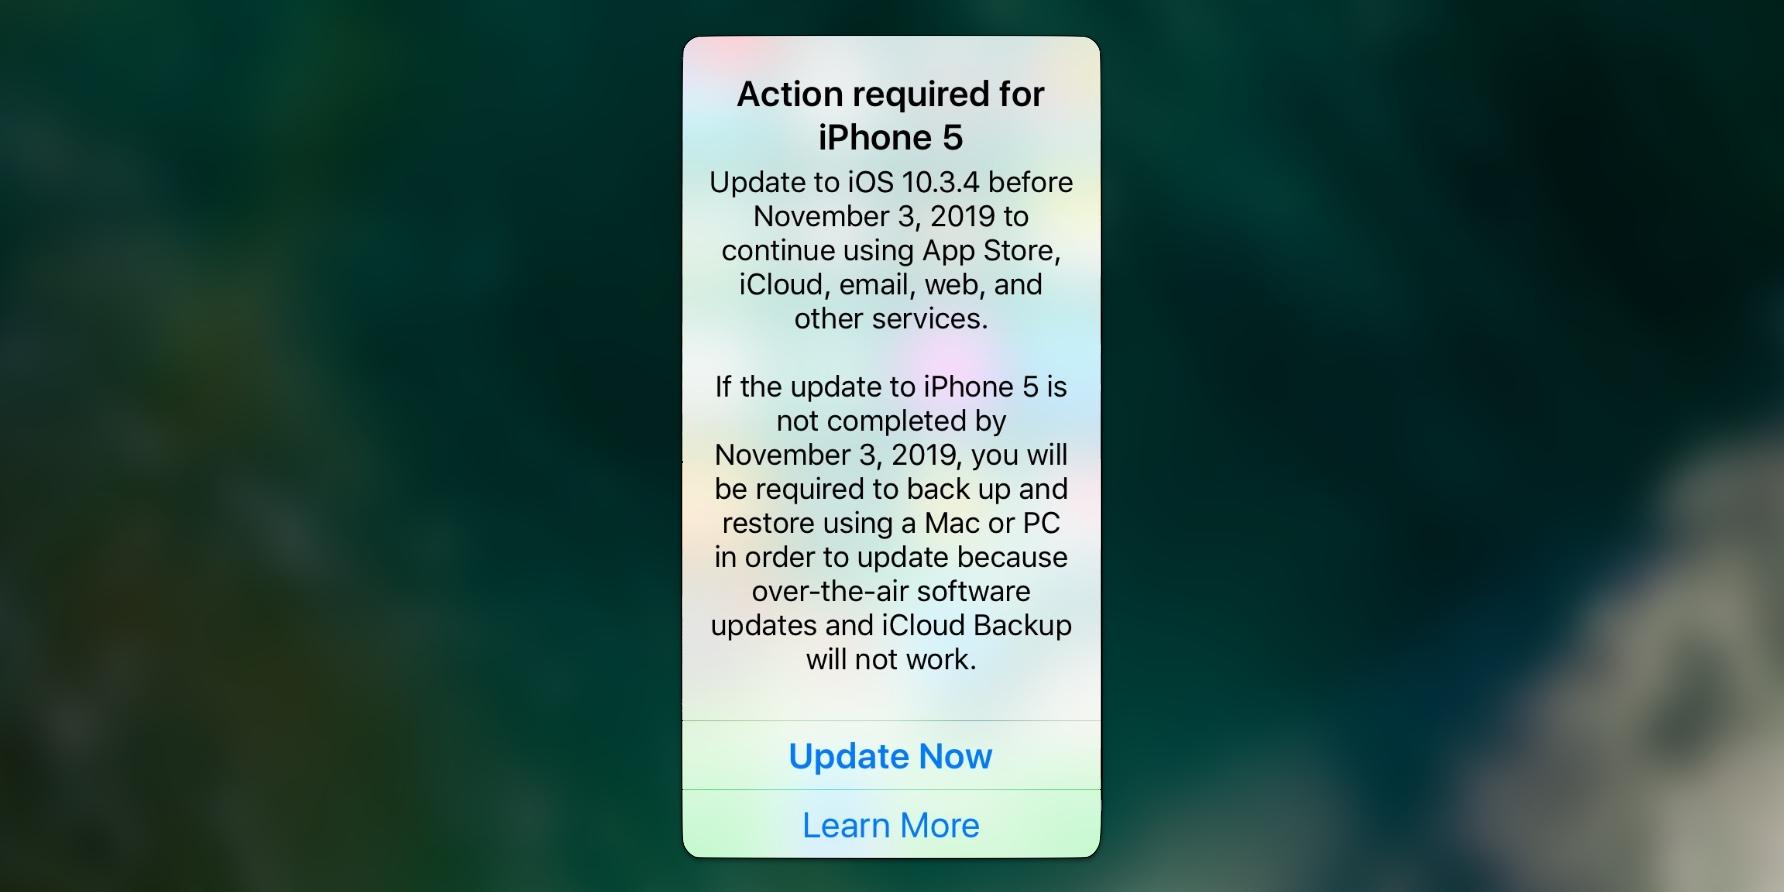 Nếu bạn đang sử dụng iPhone 5, hãy cập nhật lên iOS 10.3.4